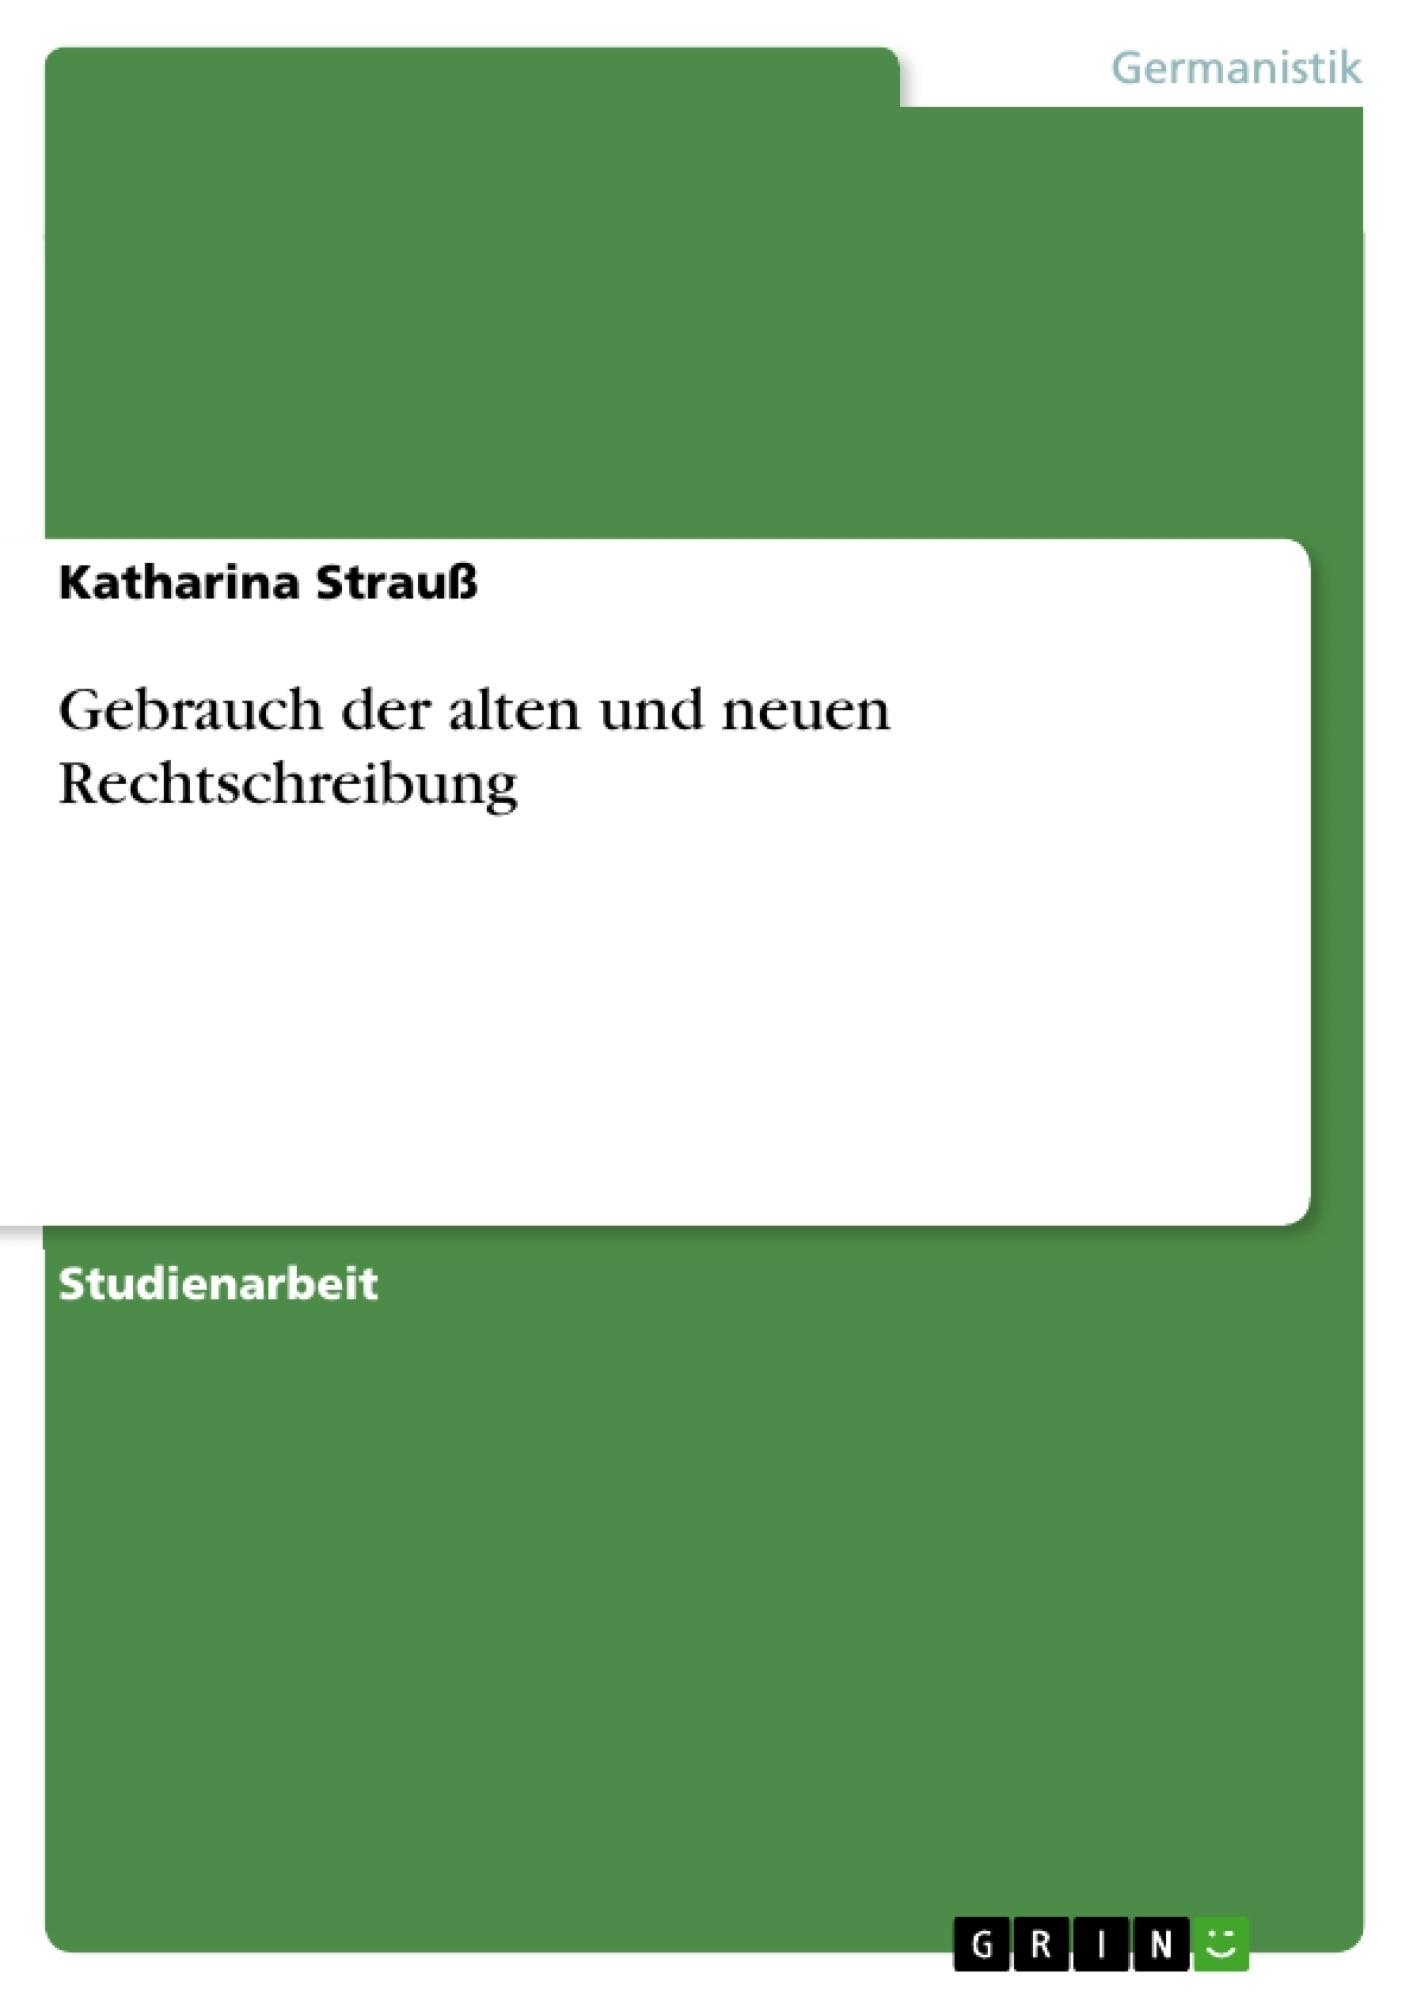 Titel: Gebrauch der alten und neuen Rechtschreibung